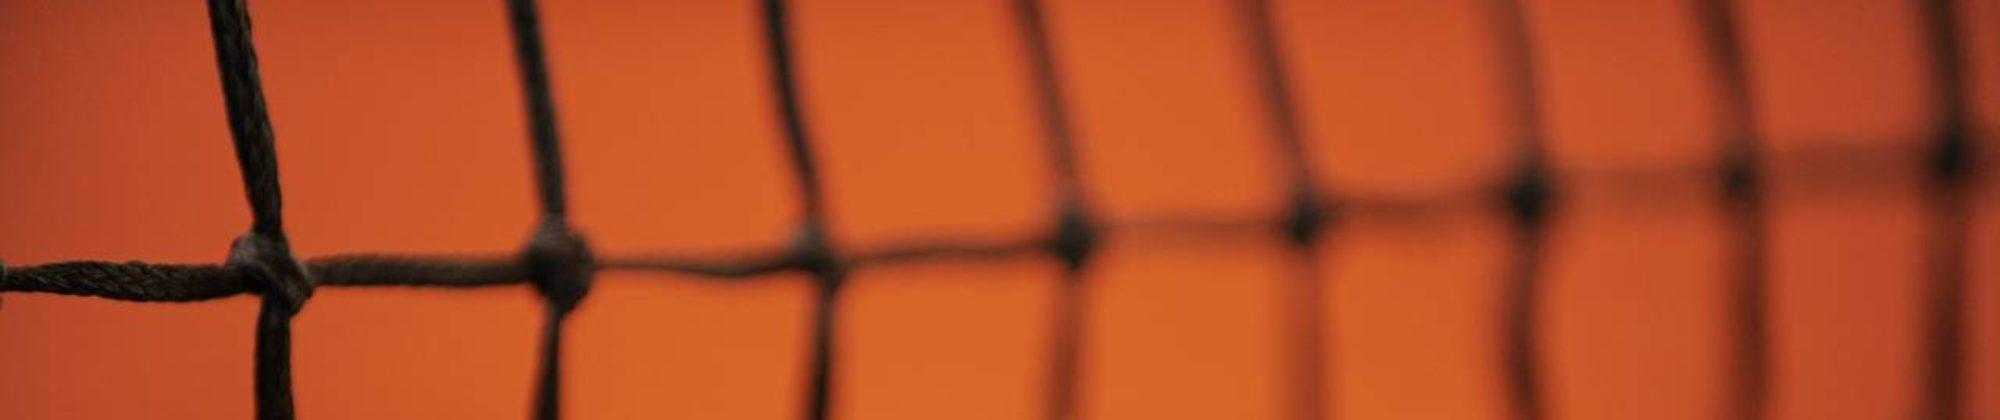 TuS Alstaden Tennis